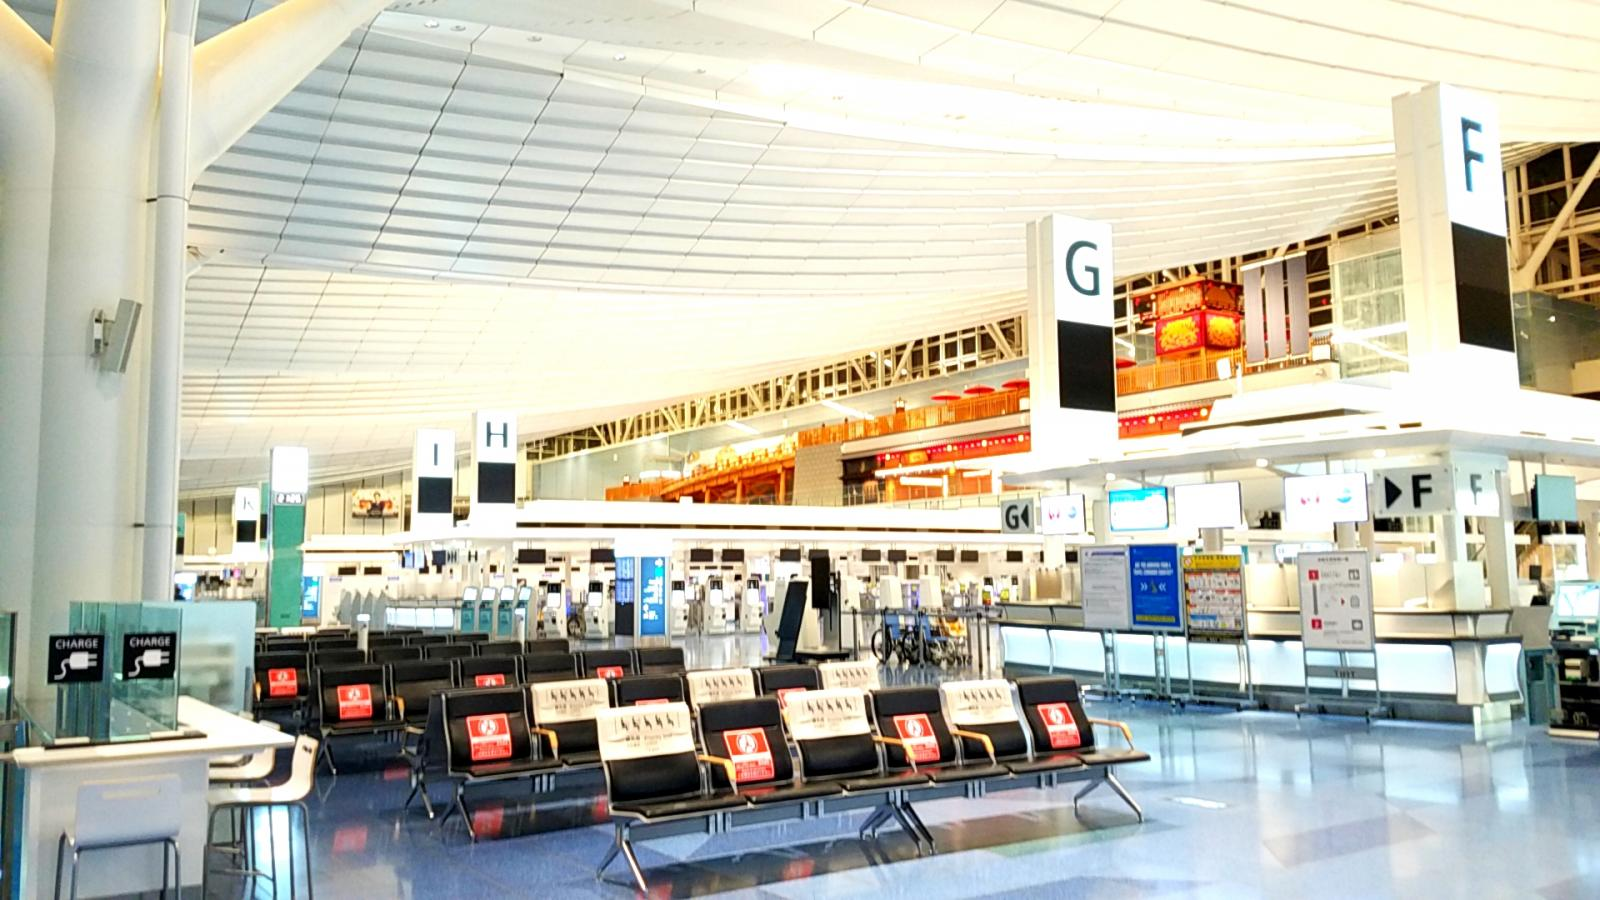 駅 羽田 三 空港 第 ターミナル 羽田空港国際線ターミナル駅とは